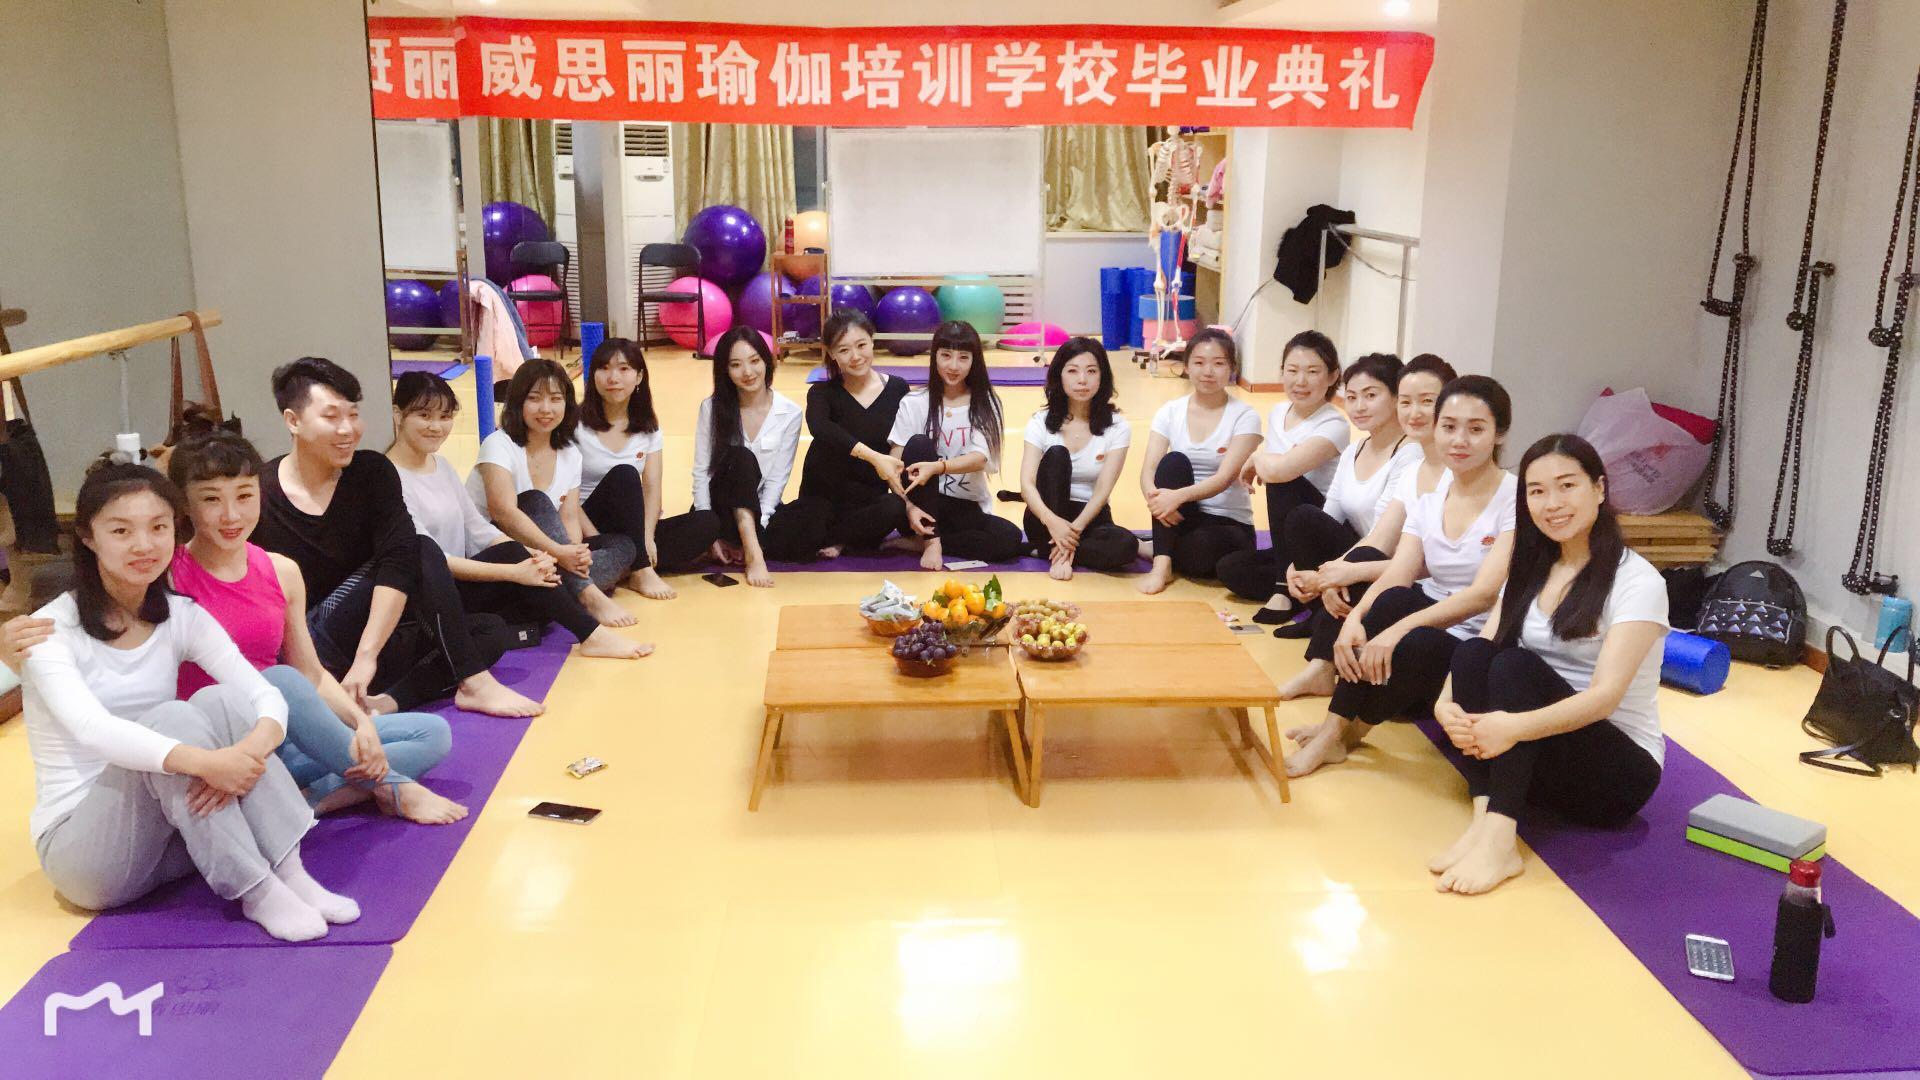 沈阳威思丽瑜伽教练学校